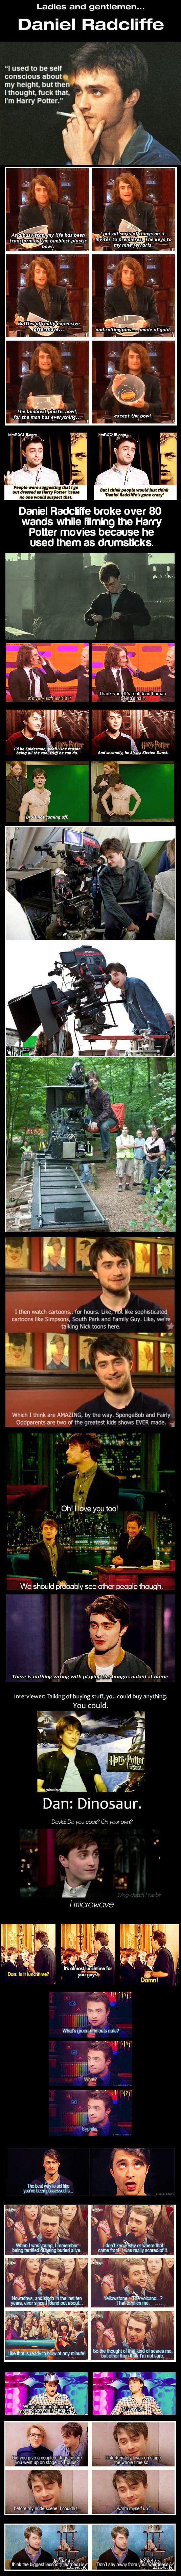 Ladies and Gentlemen...Daniel Radcliffe